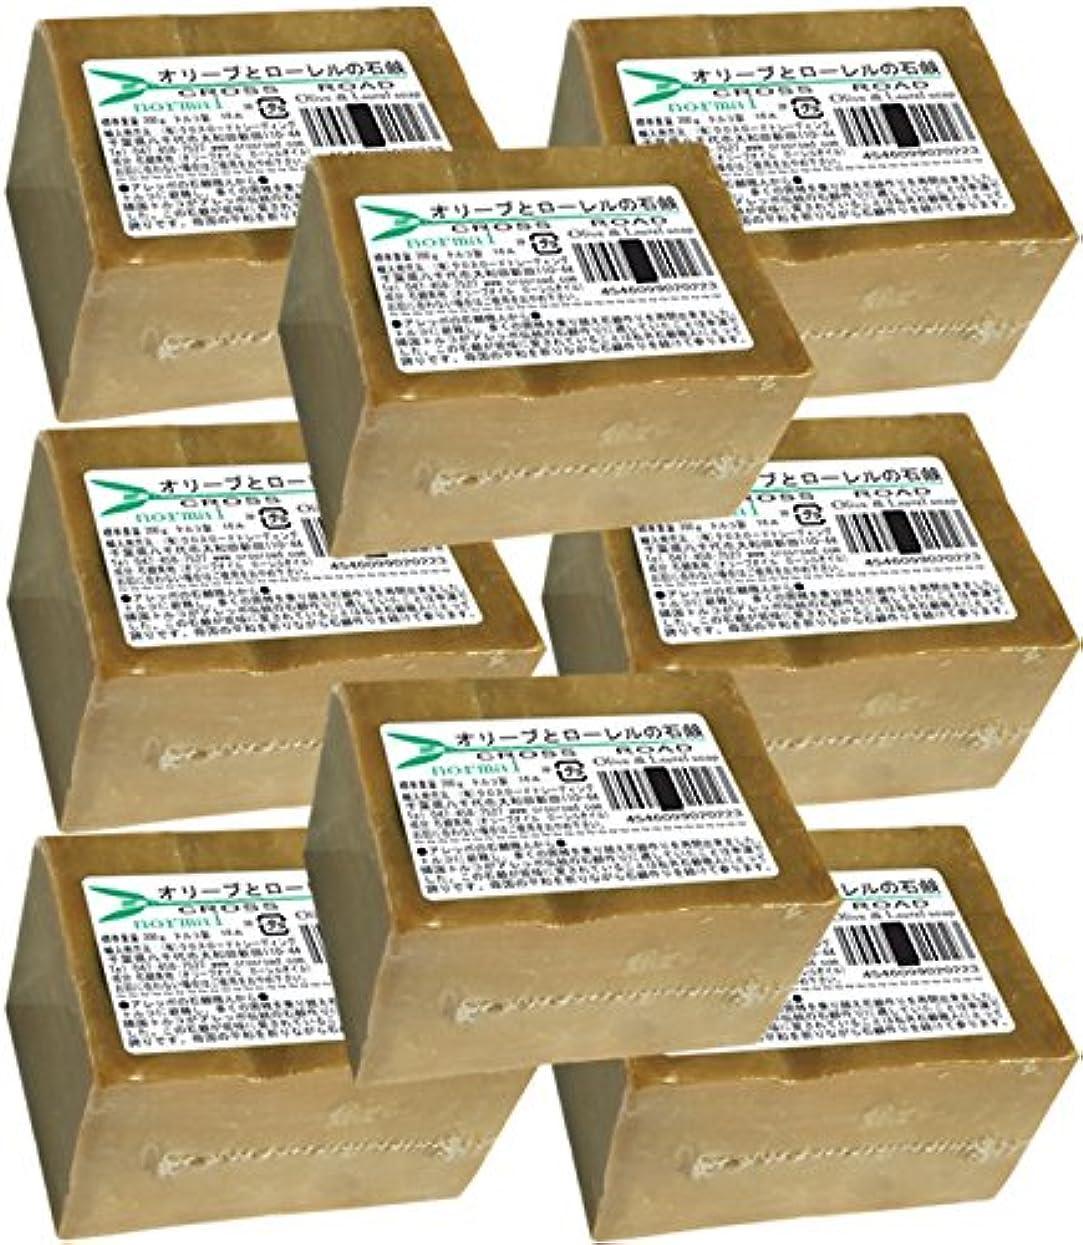 資本主義妨げるフィルタオリーブとローレルの石鹸(ノーマル)8個セット [並行輸入品]